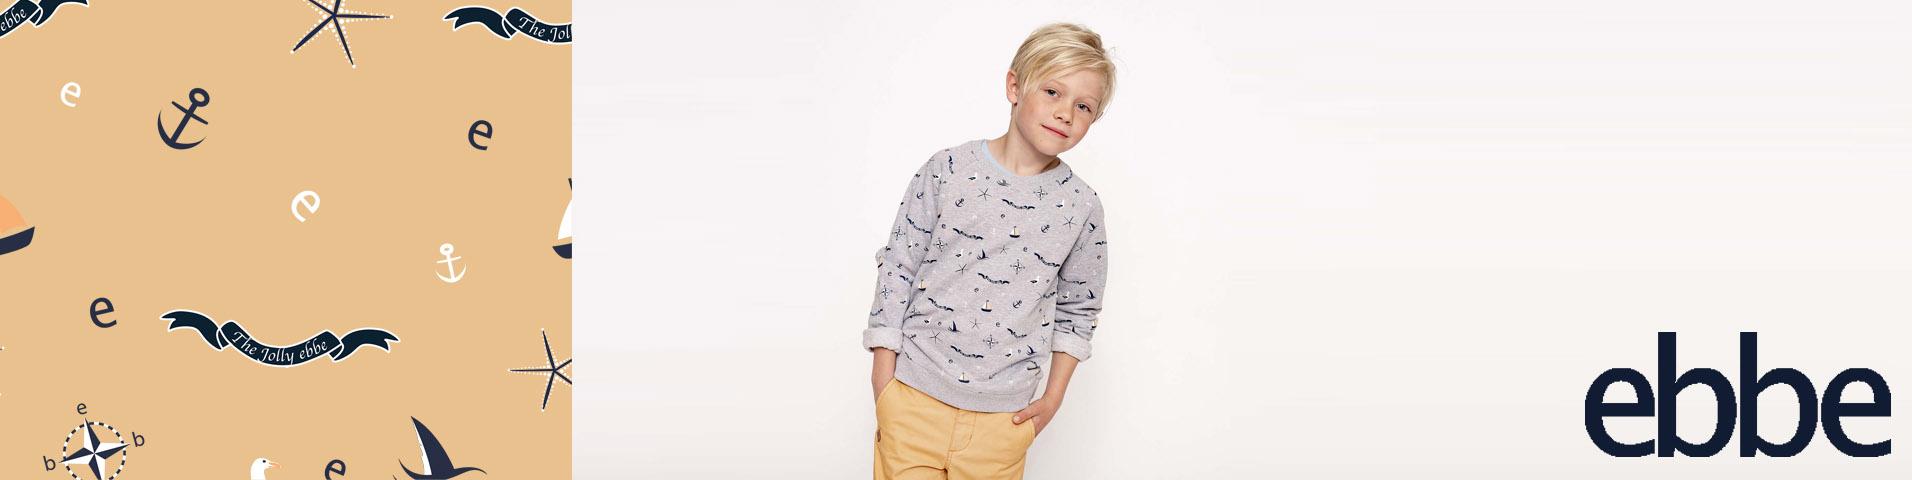 Børnetøj   Børn   Køb de nyeste kollektioner af børnetøj